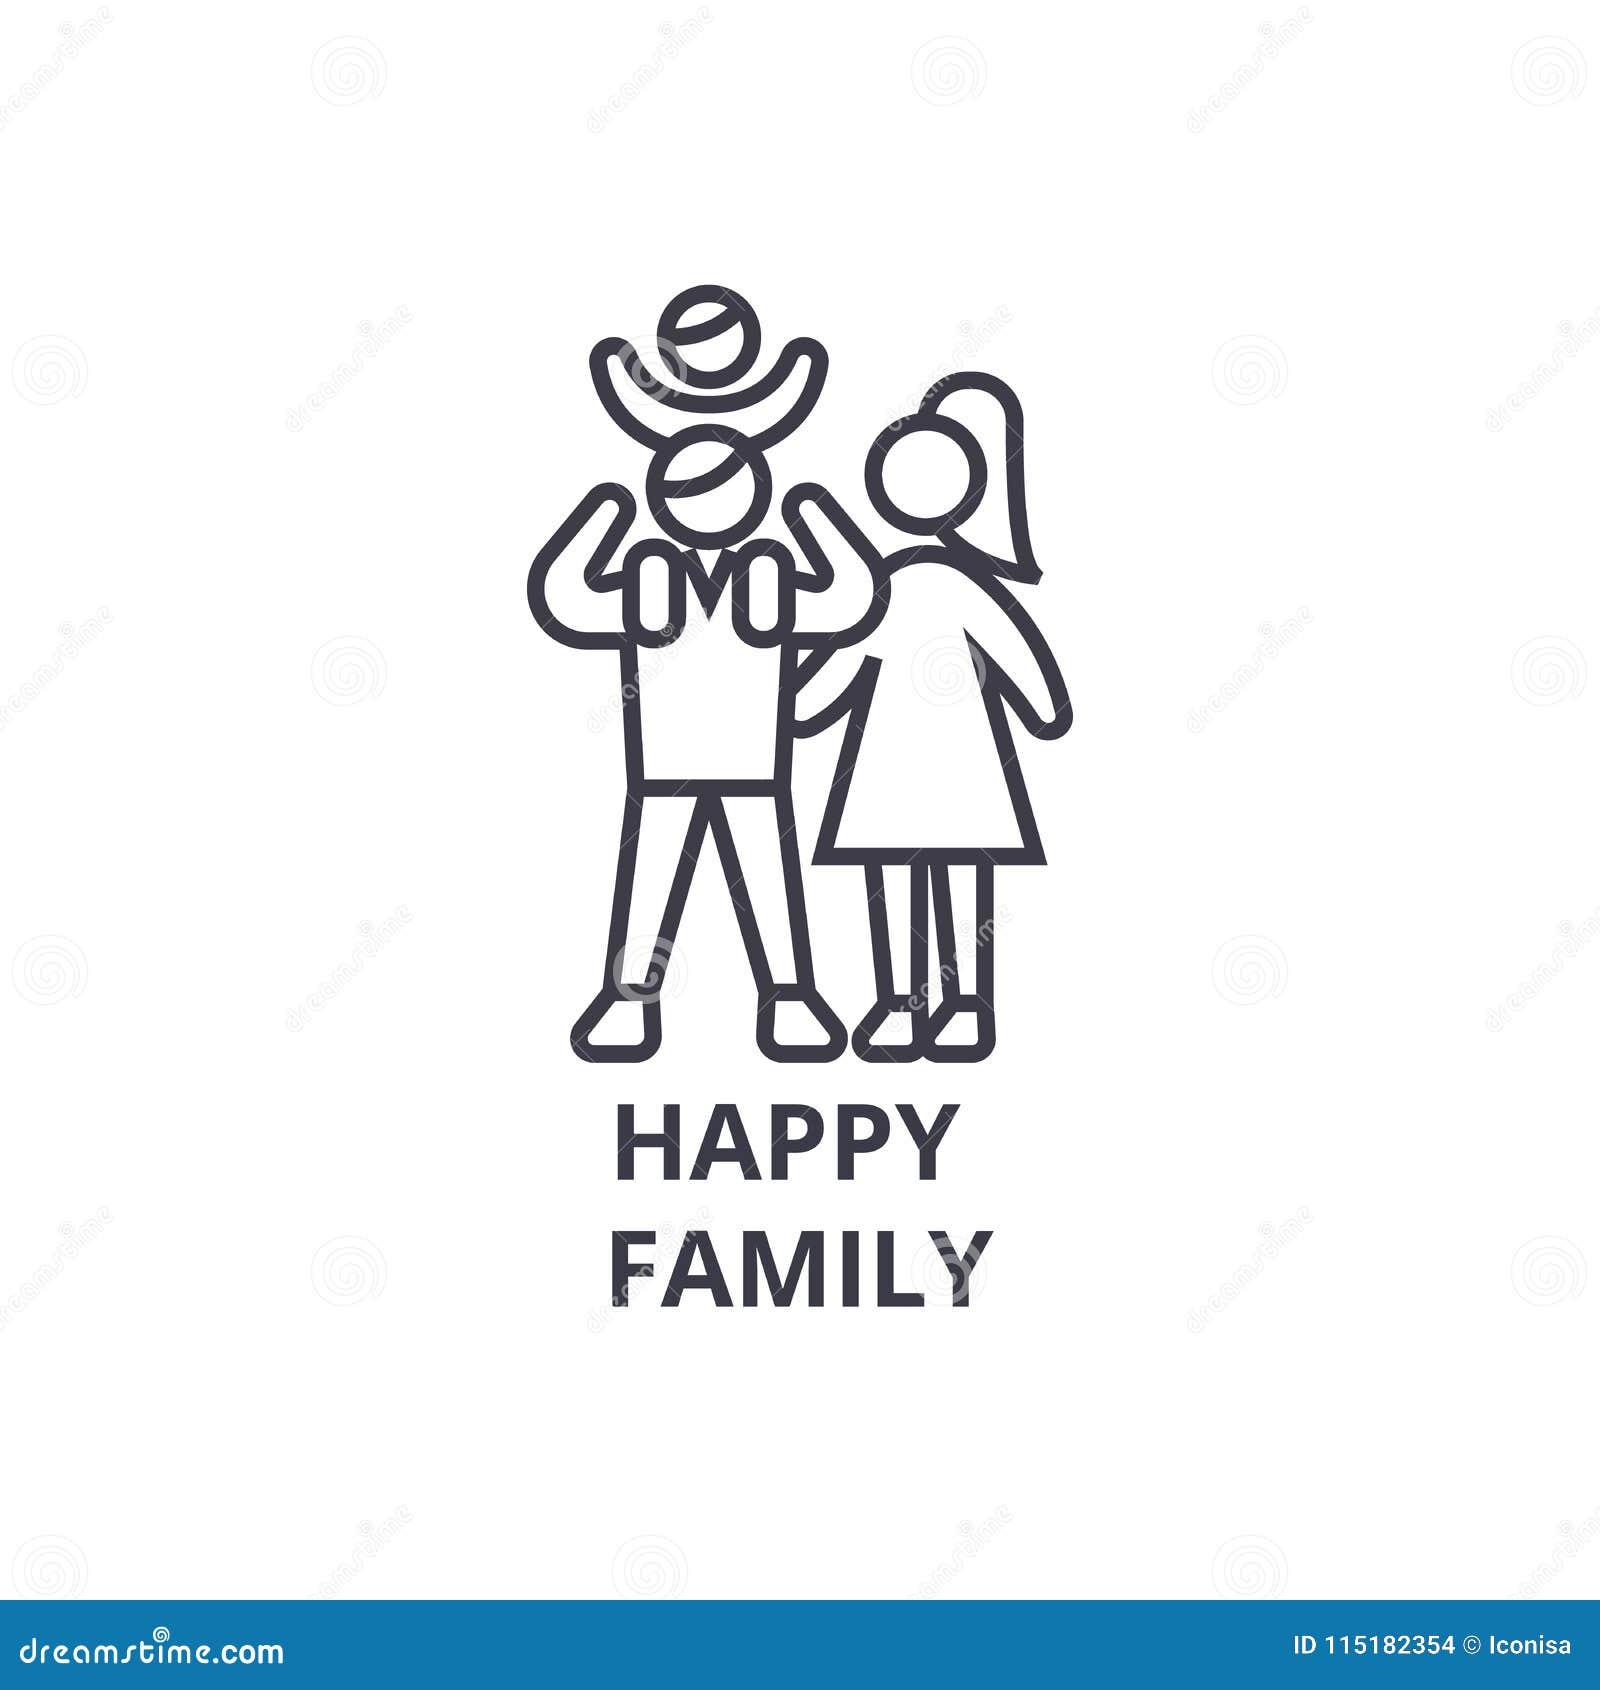 Dünne Linie Ikone, Zeichen, Symbol, illustation, lineares Konzept, Vektor der glücklichen Familie